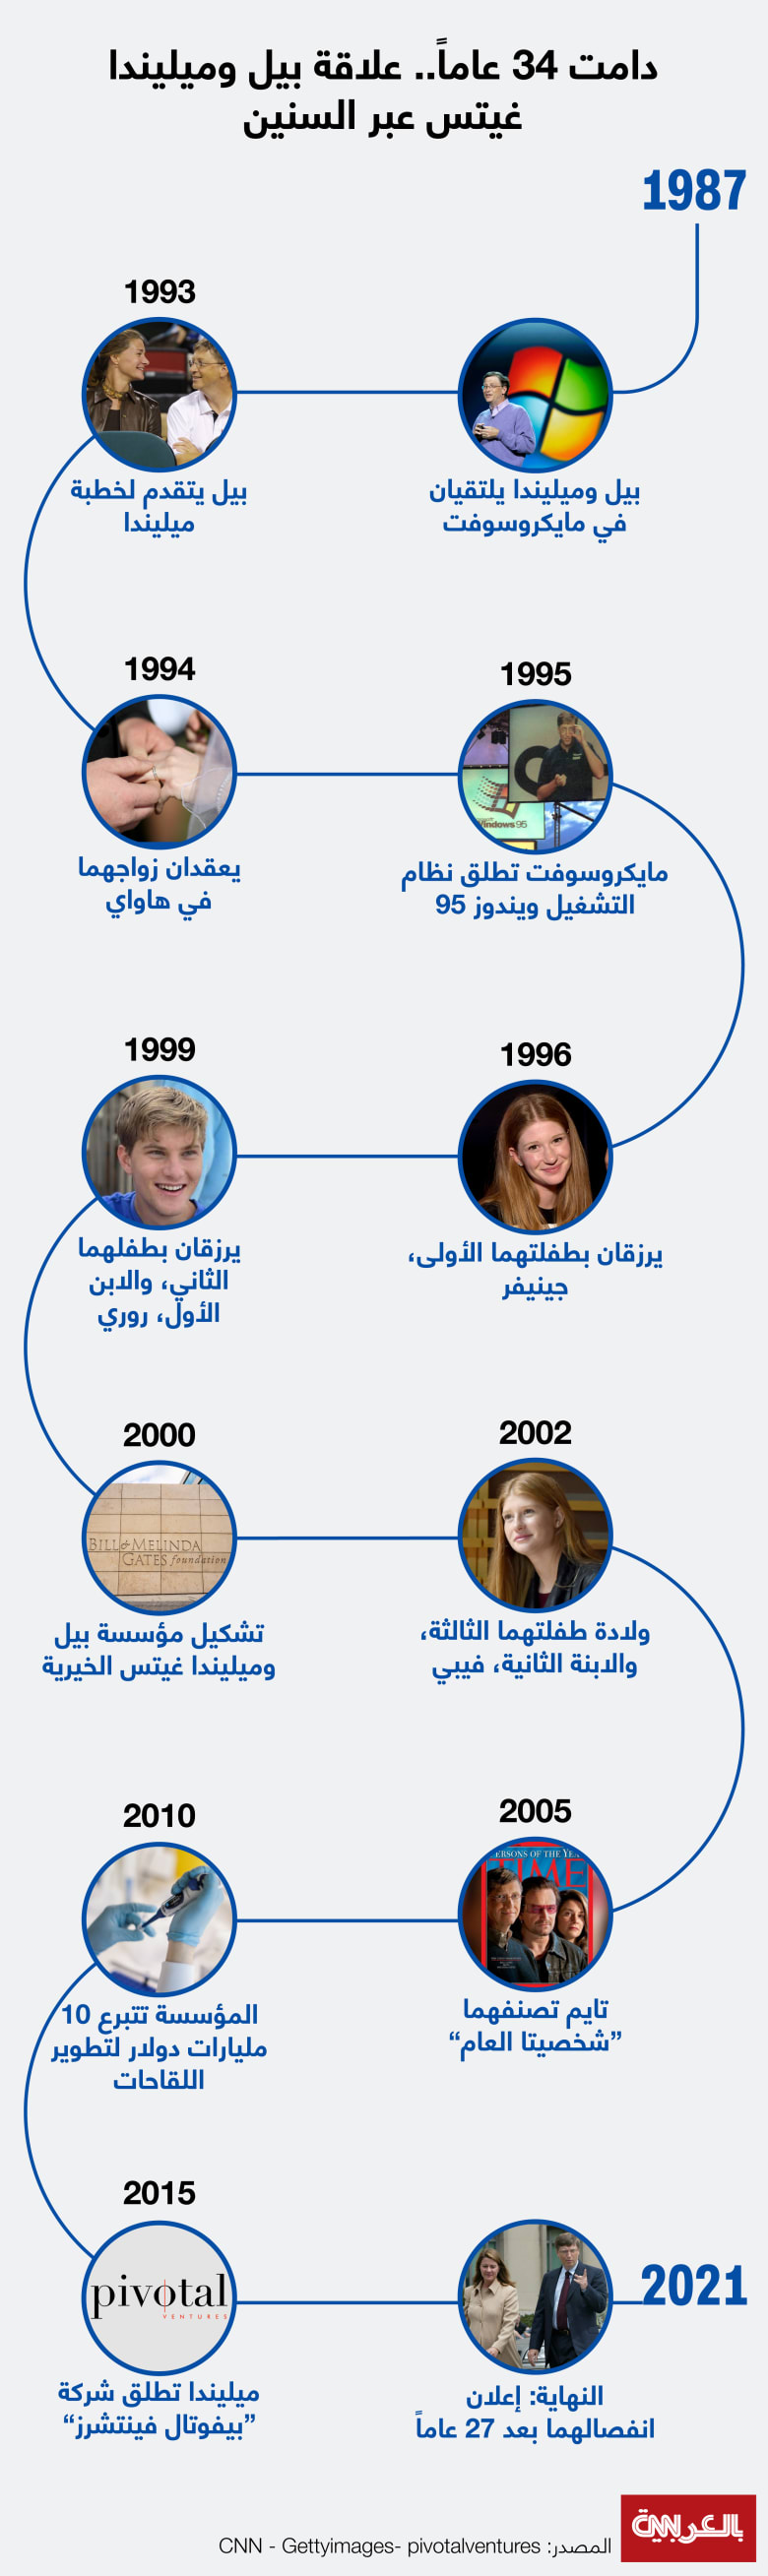 Bill-and-Melinda-Gates-timeline